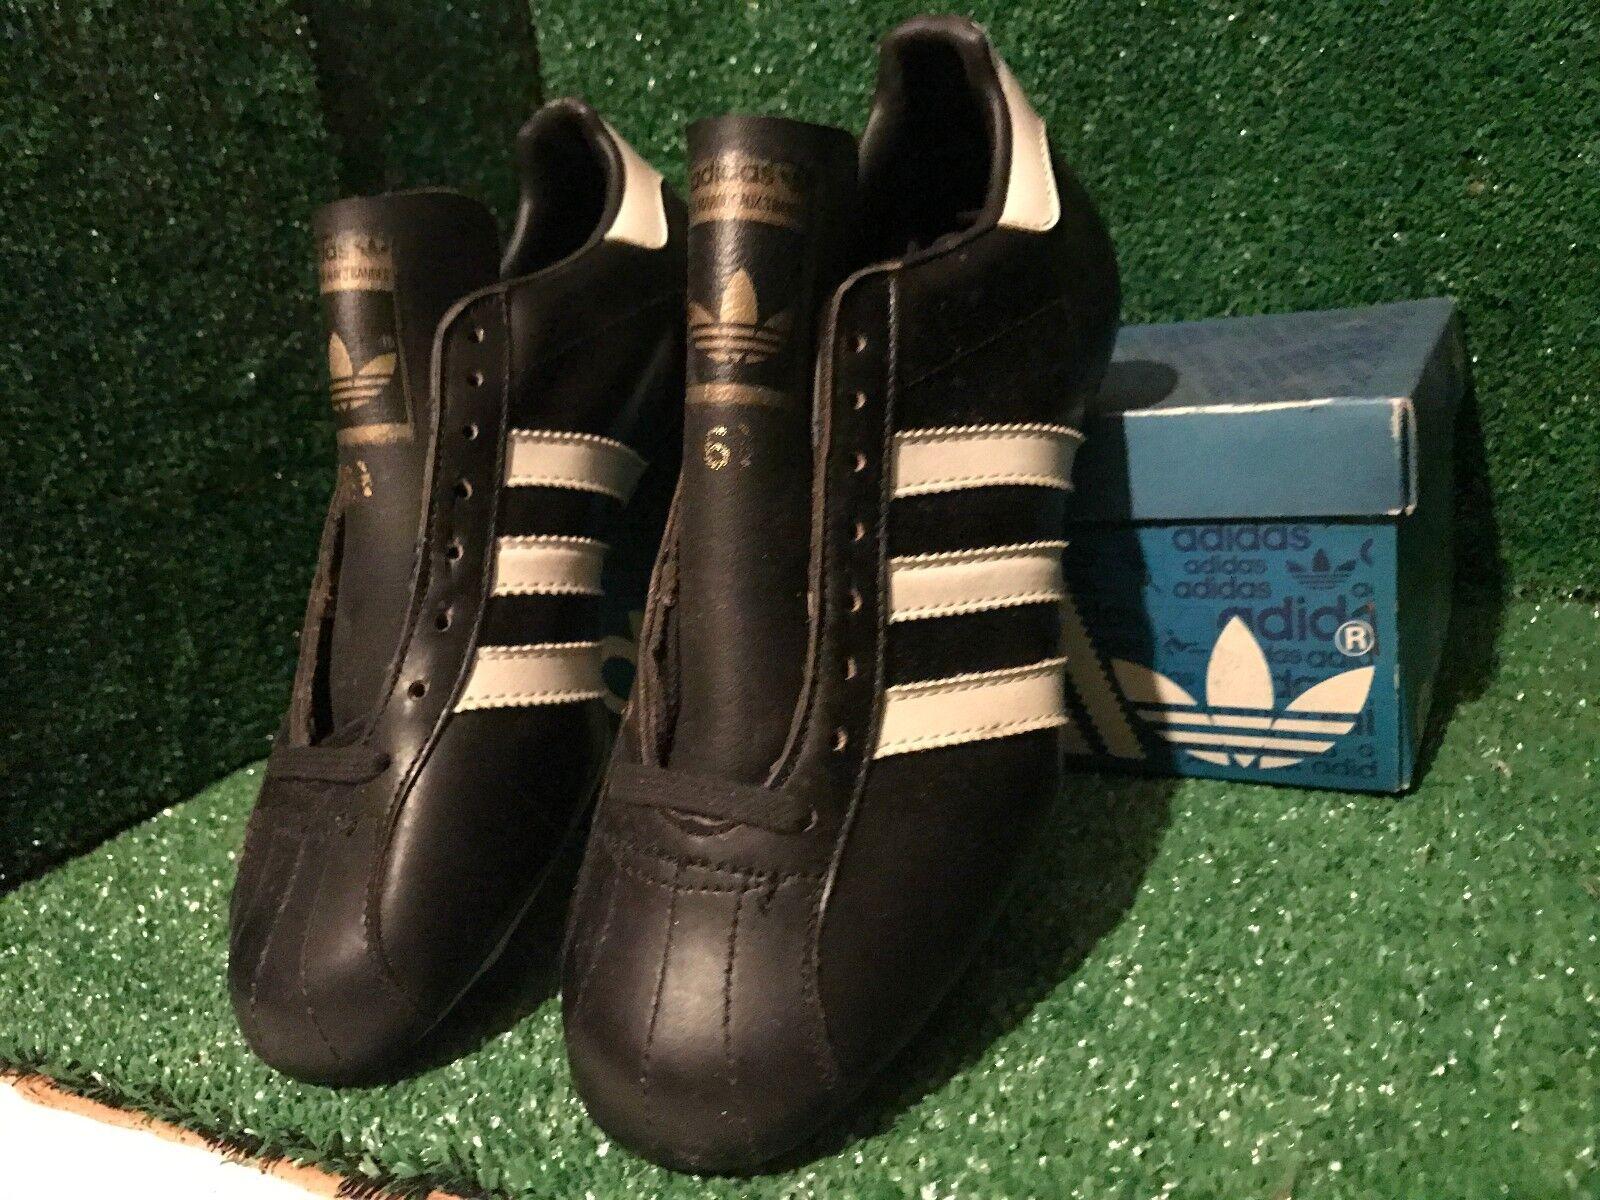 Nuevo Y En Caja Adidas Santa Fe Vintage Fútbol botas Zapatos Botines De Varios Tamaños DEADSTOCK